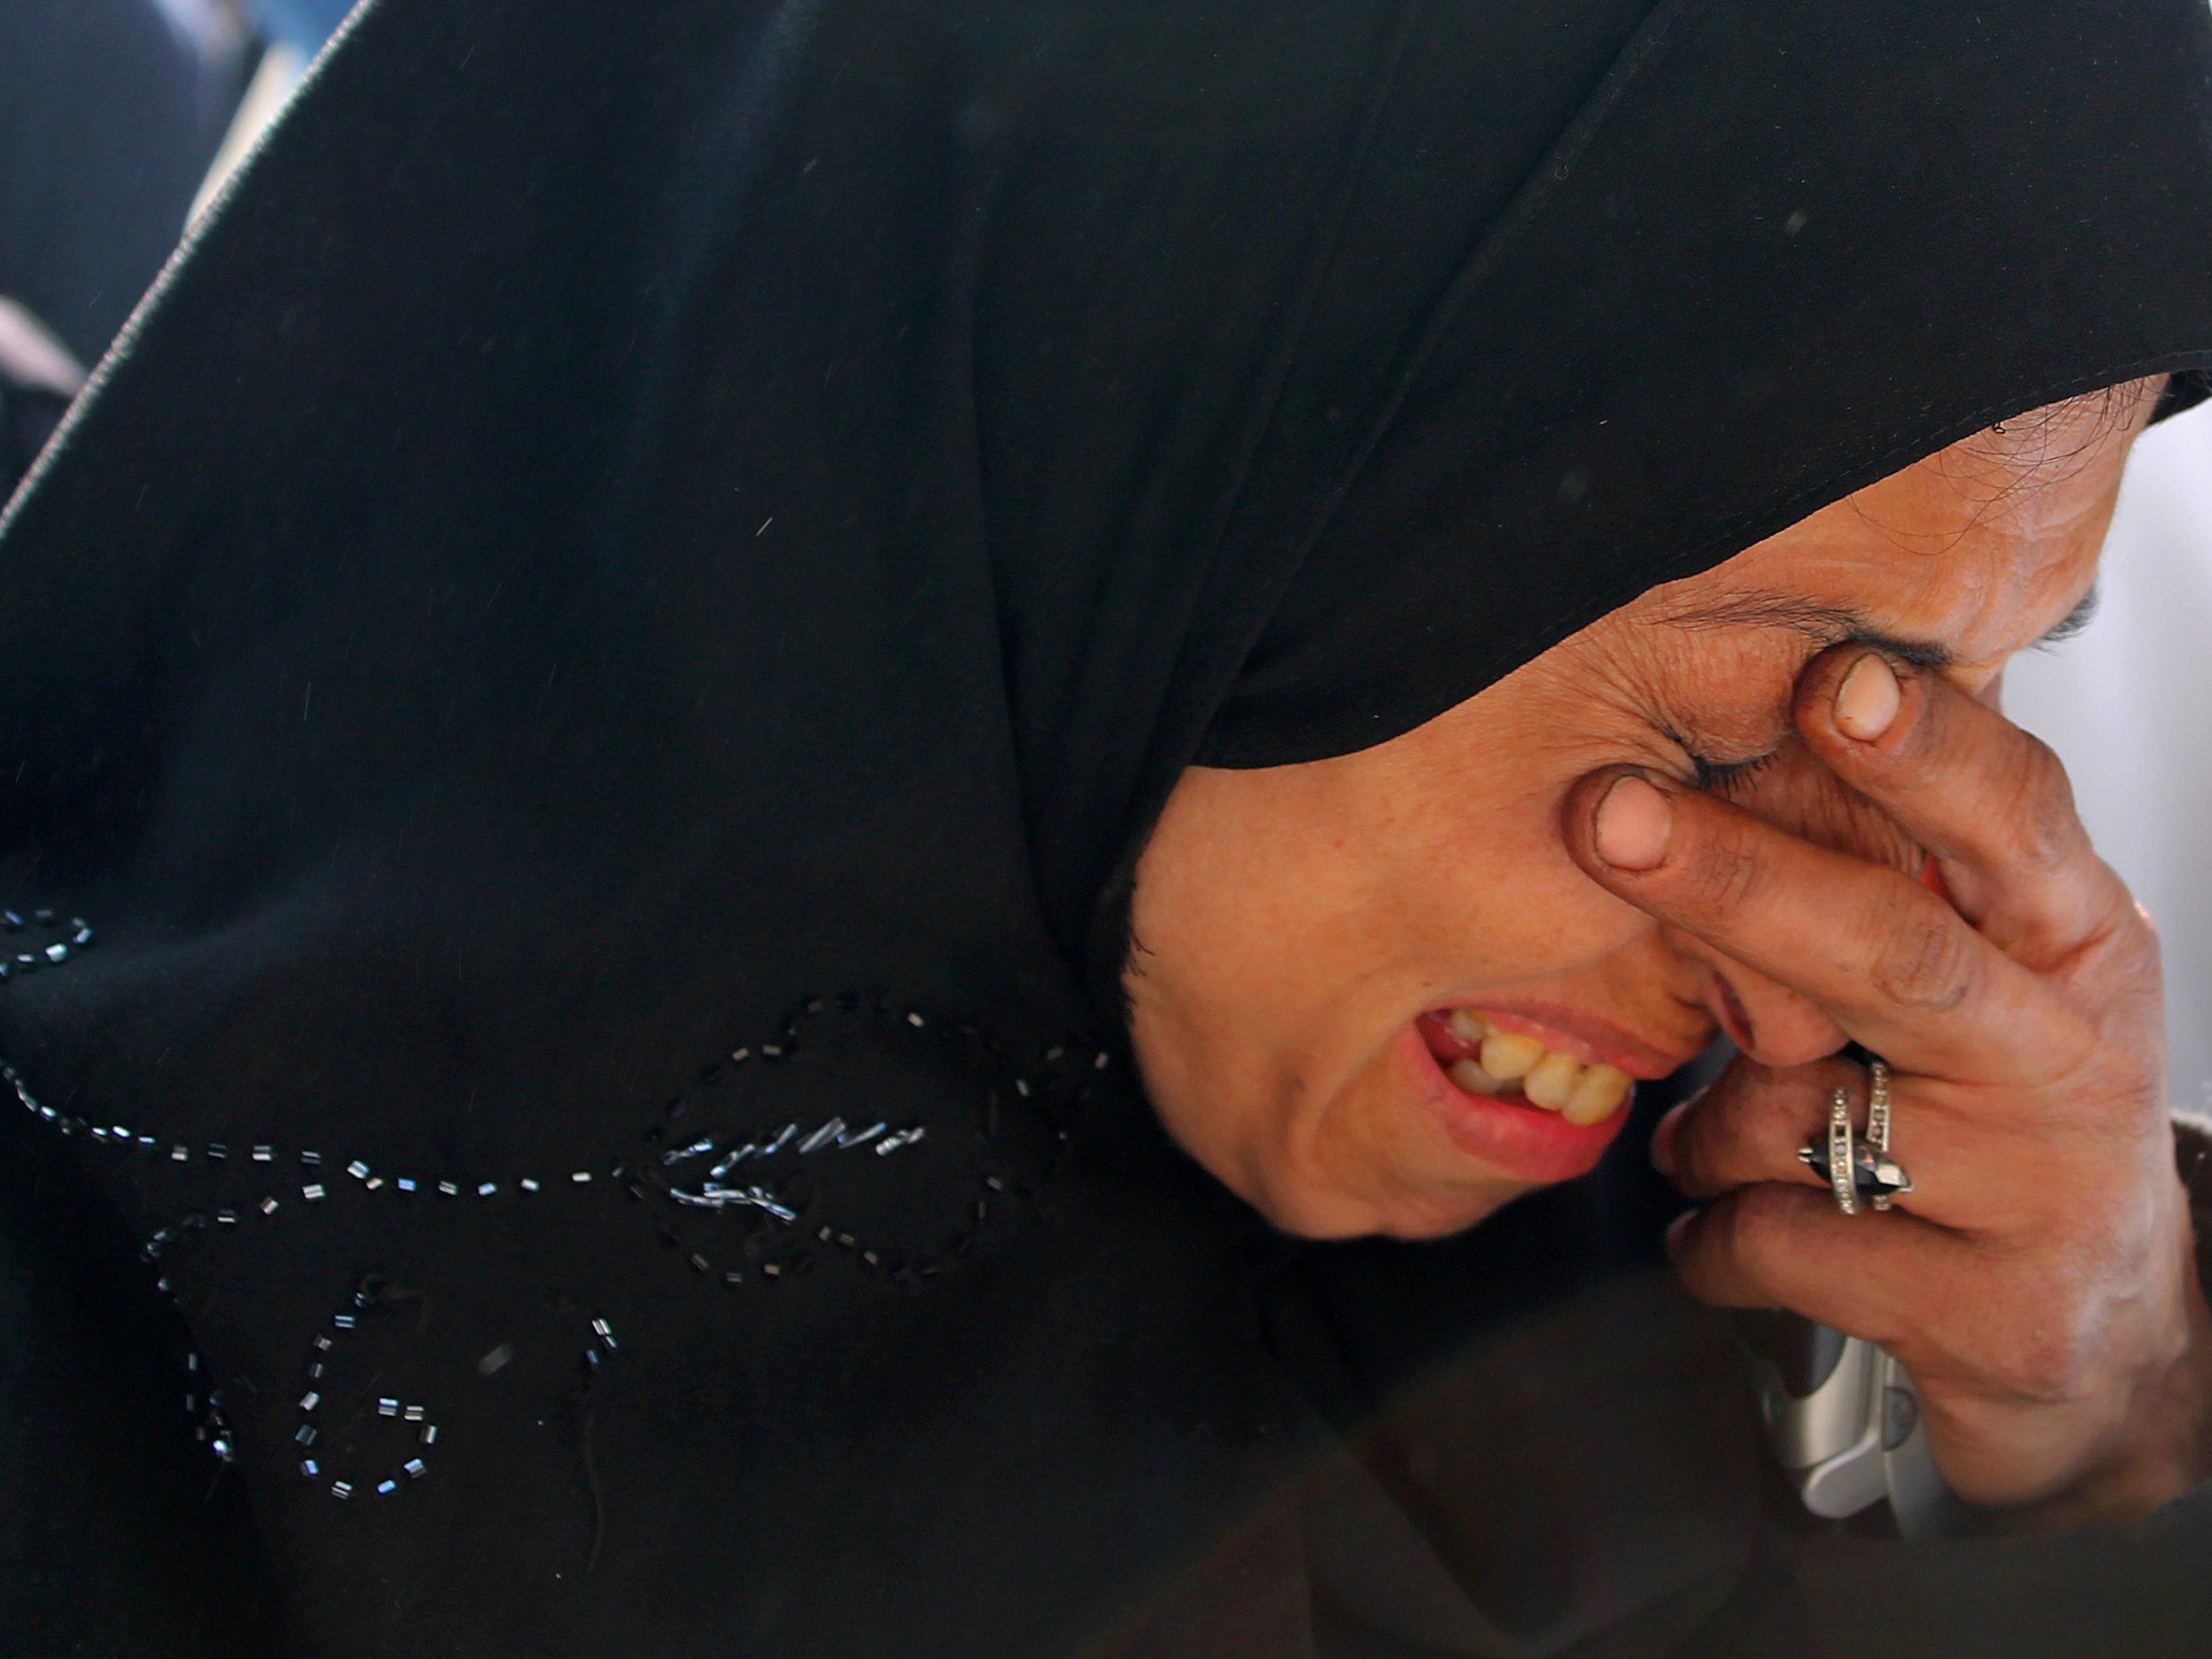 Die aufgebrachten Palästinenser warfen Israel vor, für den Tod verantwortlich zu sein.